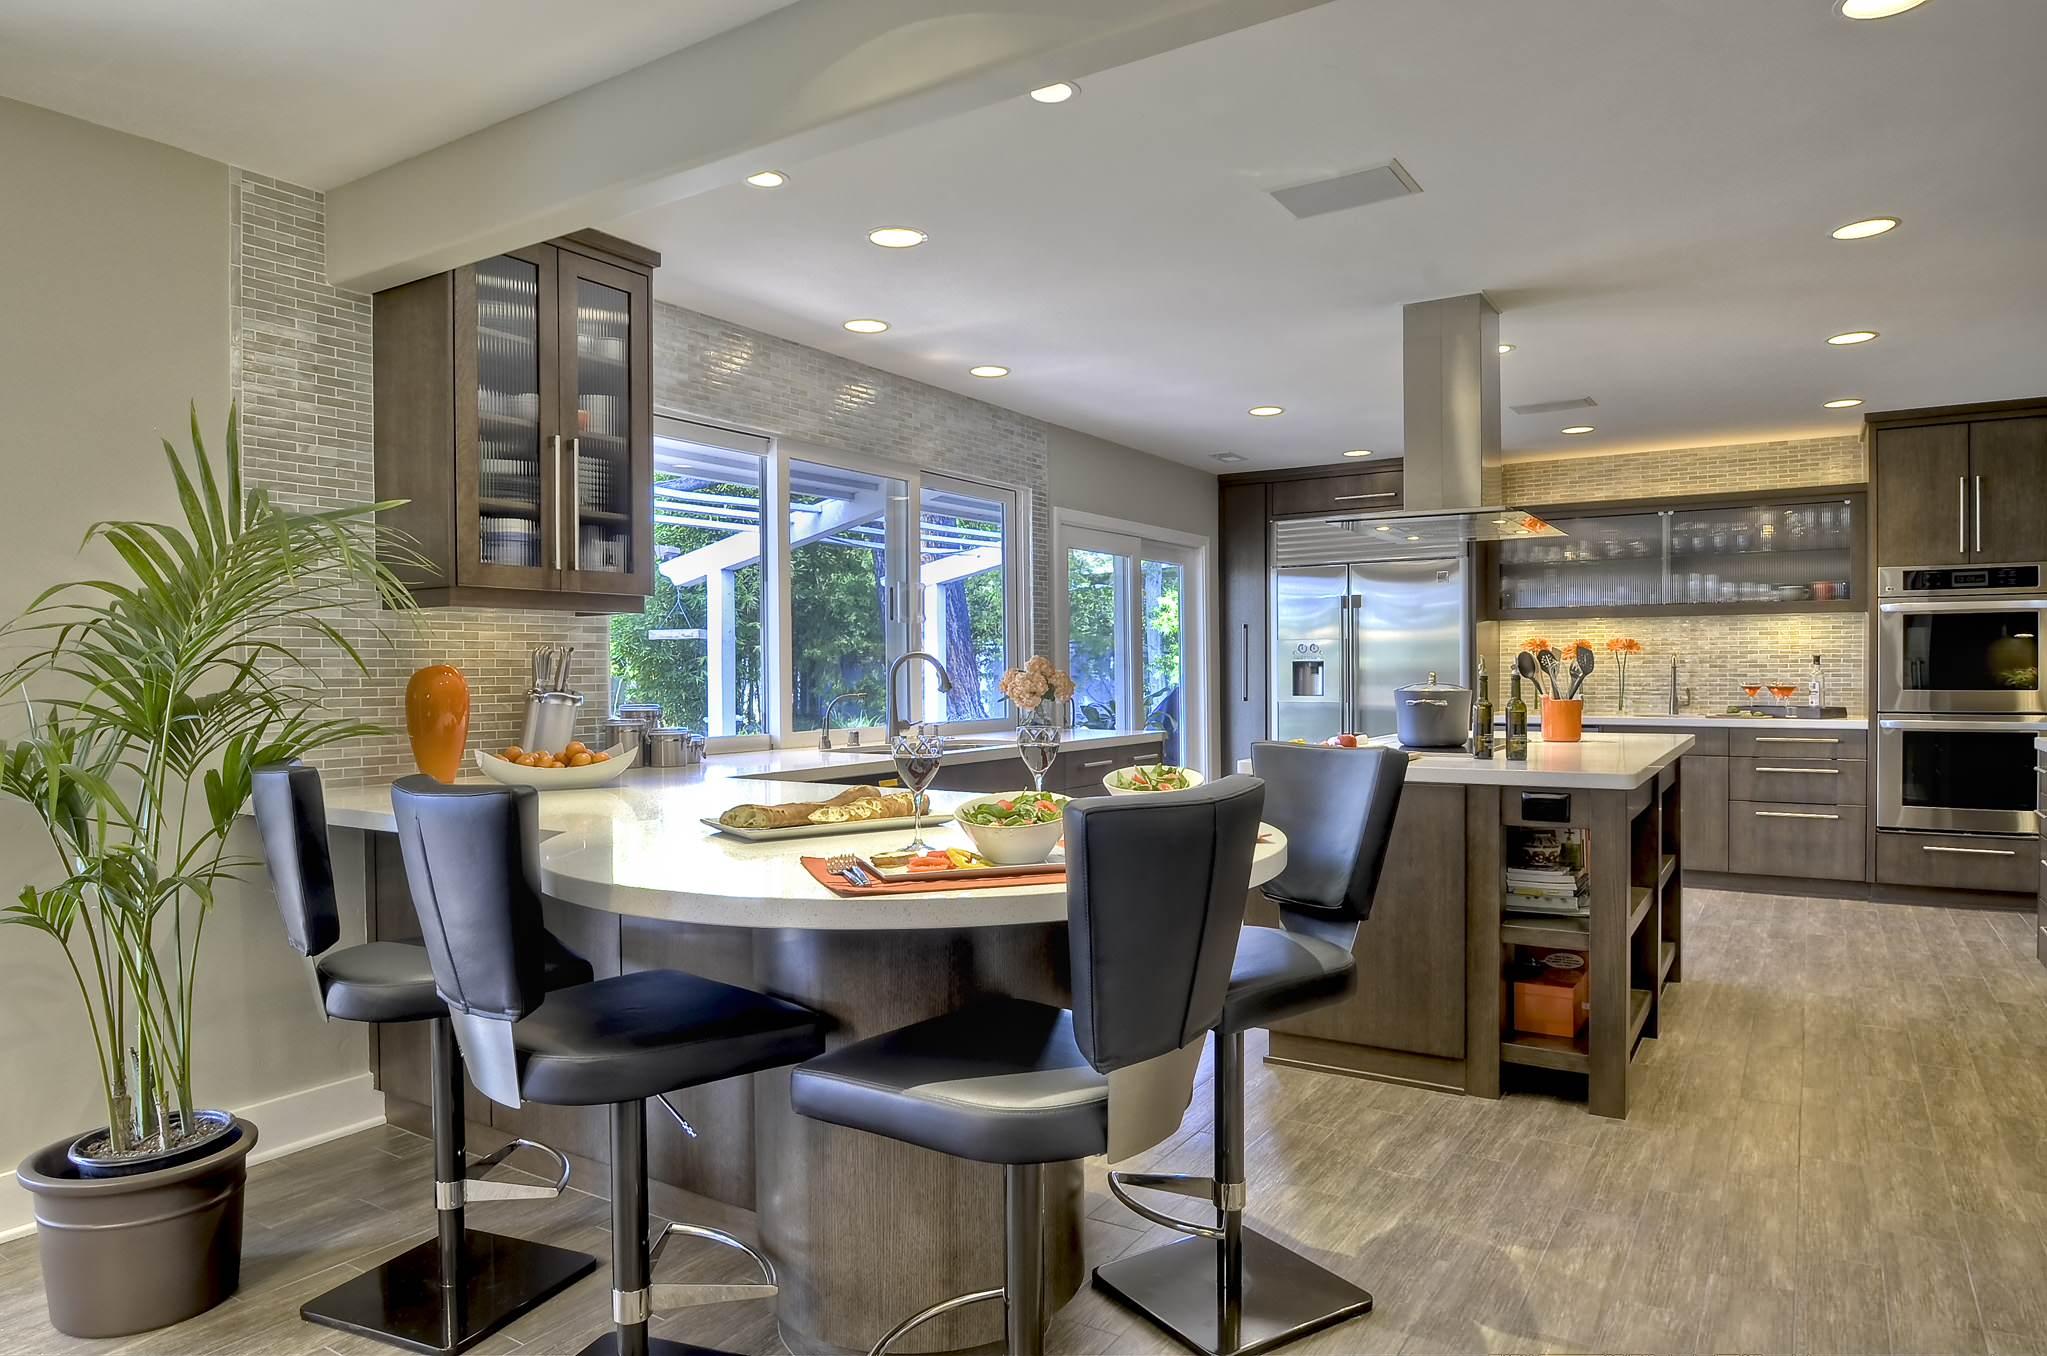 Porcelain Tile vs Ceramic Tile Contemporary Kitchen Glass Front Cabinets Tile Wall U Shaped Porcelain Tile Kitchen